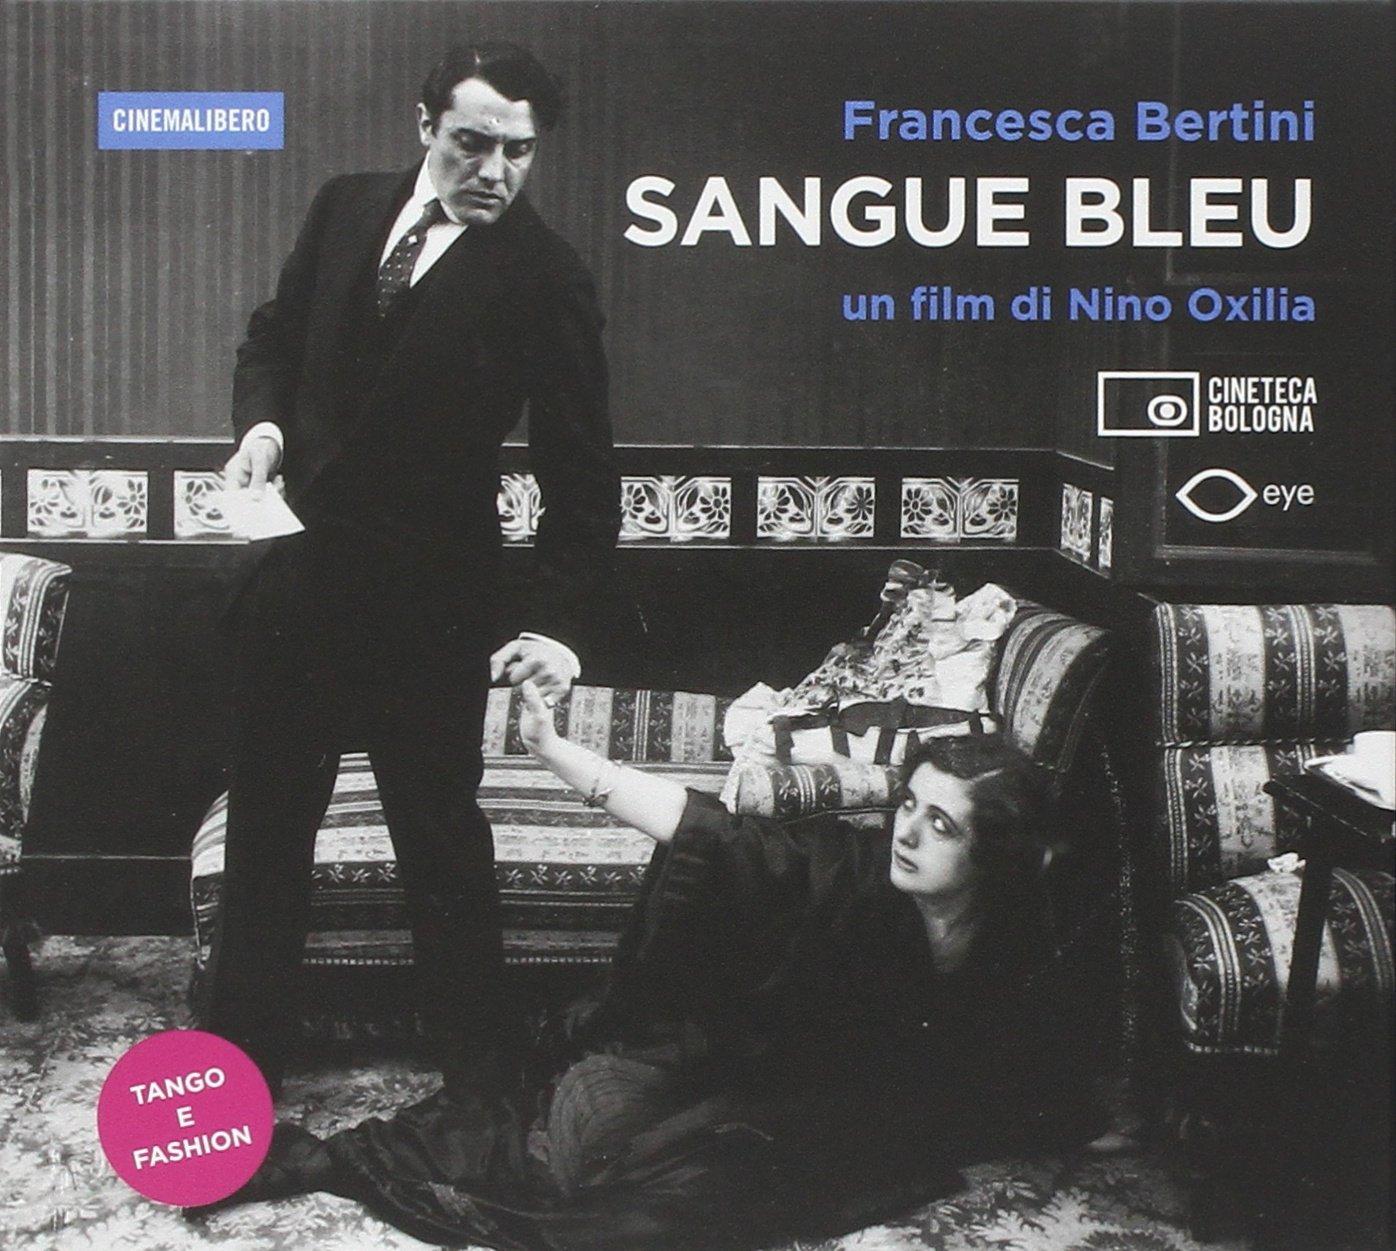 Dvd Sangue Bleu (Dvd+Booklet) NUOVO SIGILLATO, EDIZIONE DEL 03/09/2014 SUBITO DISPONIBILE